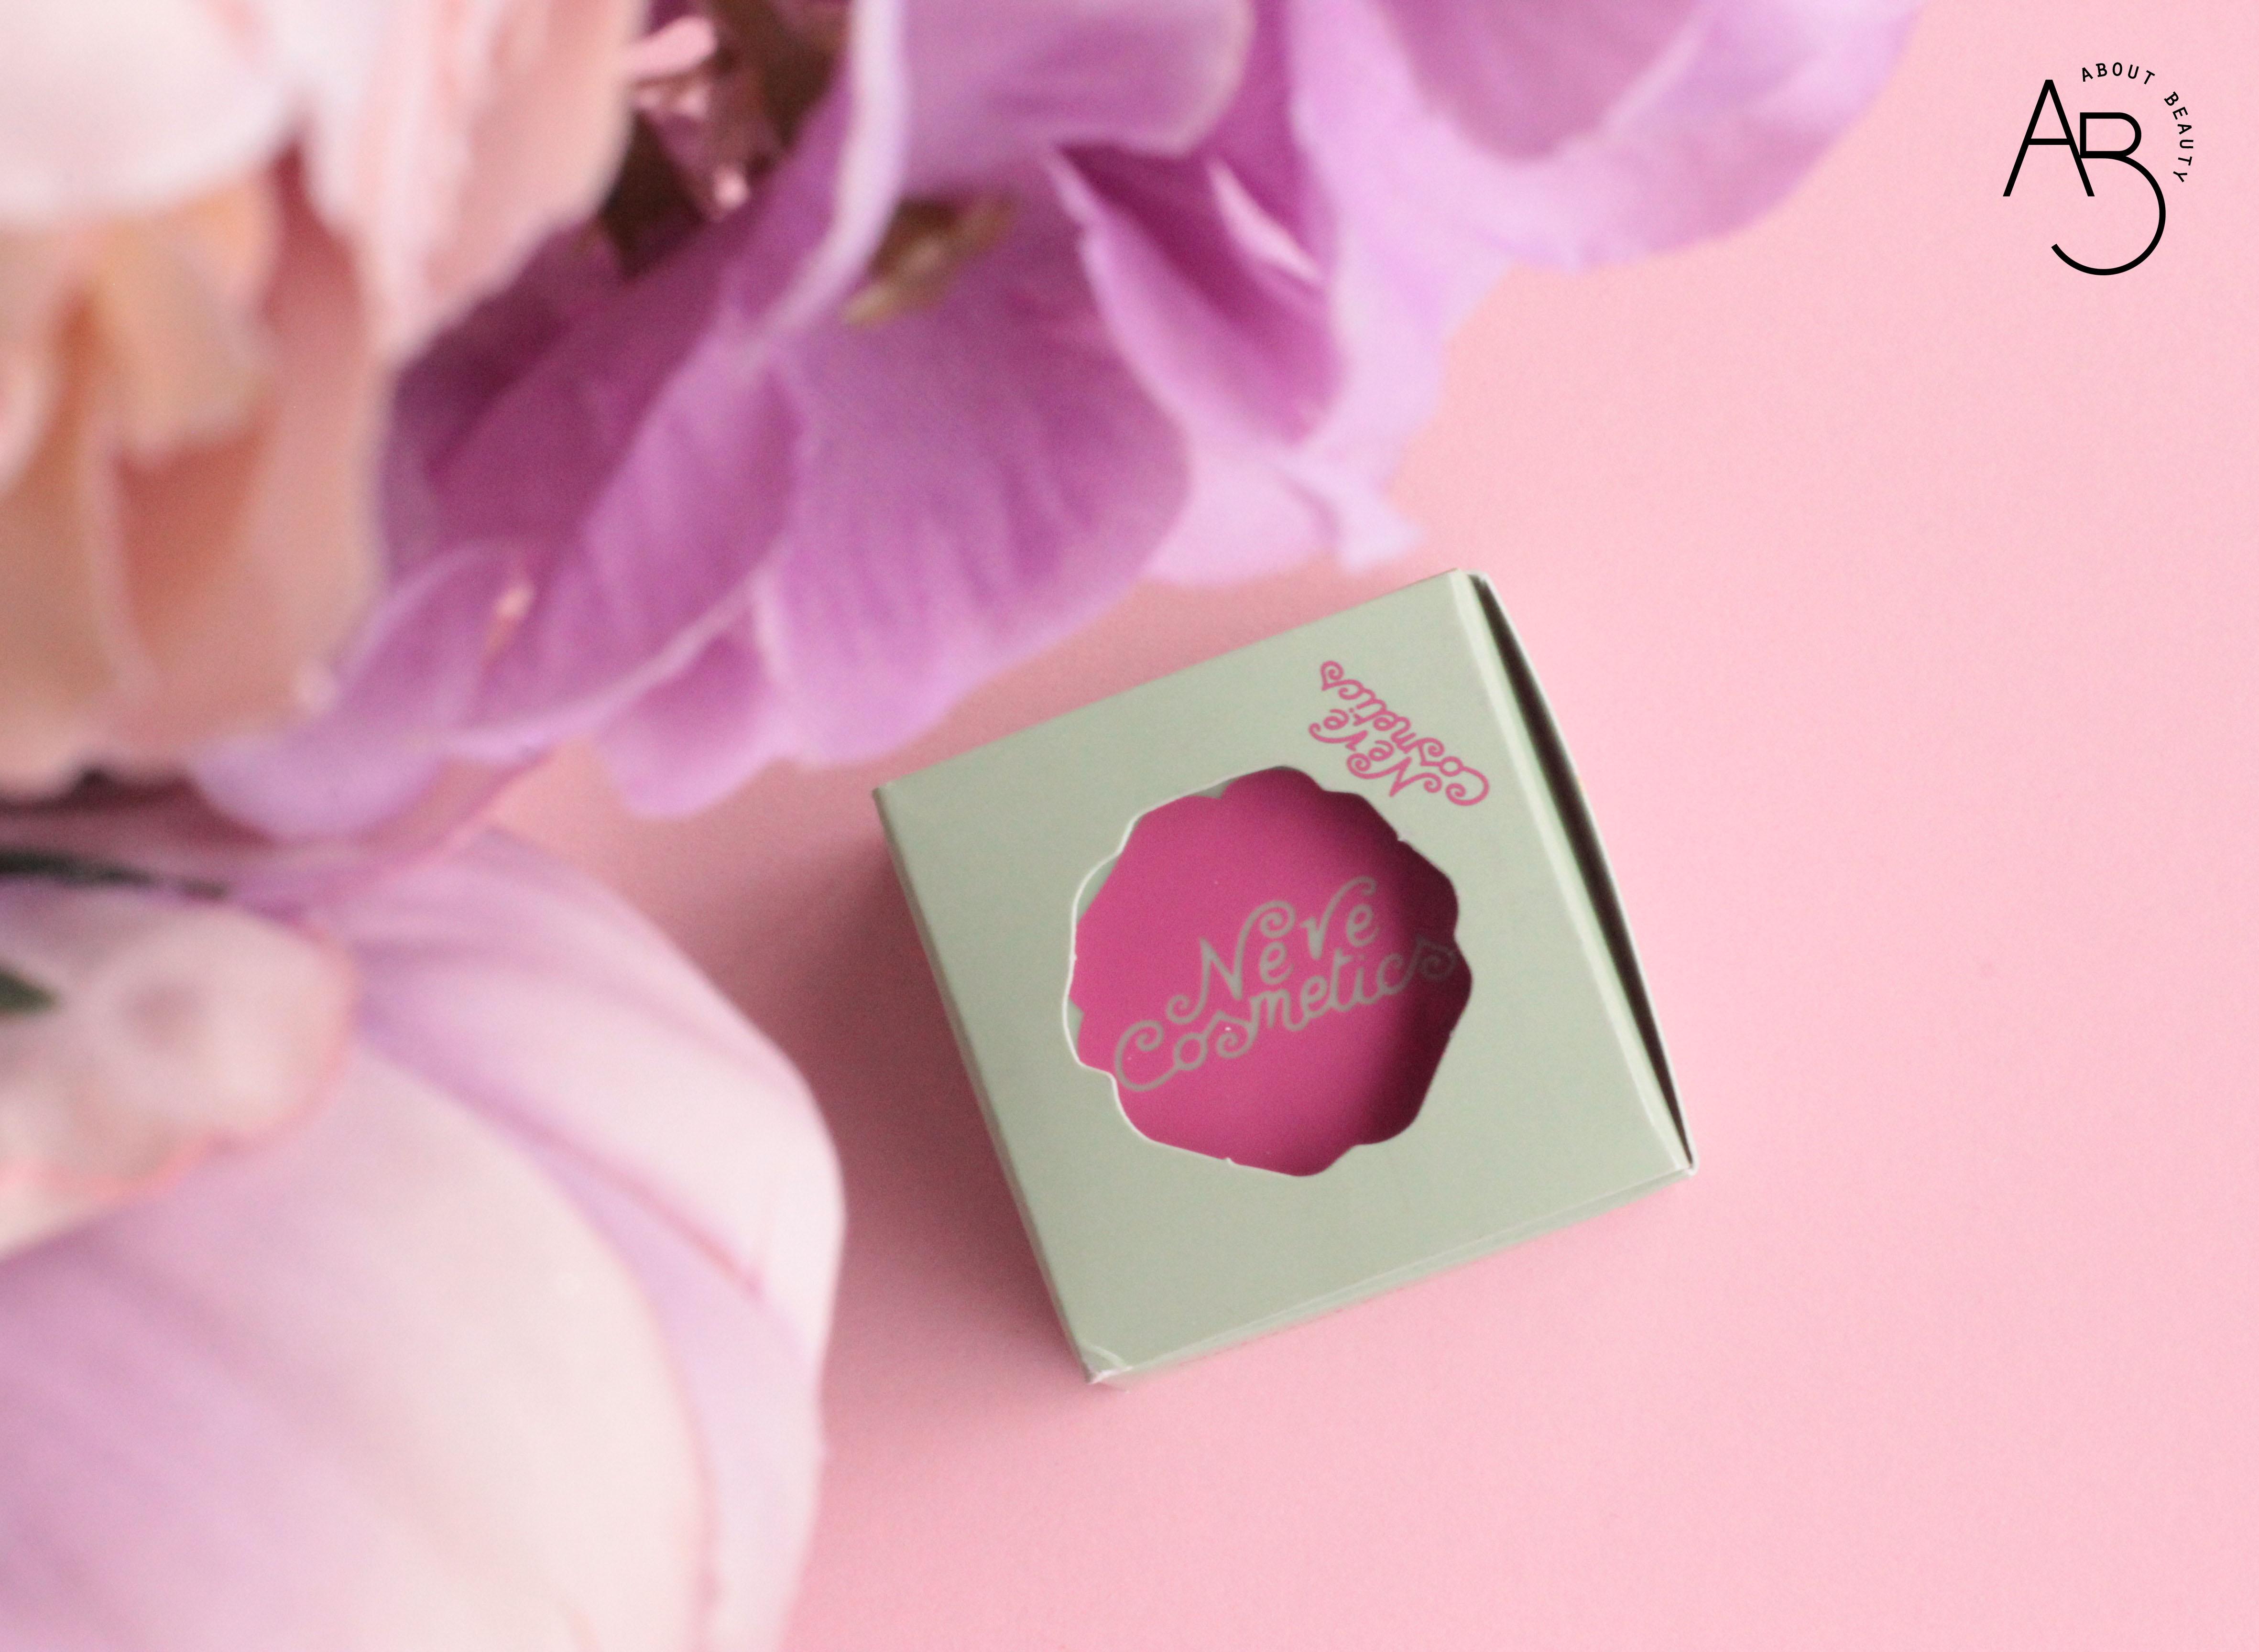 Blush Garden Neve Cosmetics: recensione, review, swatch, opinioni, sconto, dove acquistare, prezzo - Il packaging esterno